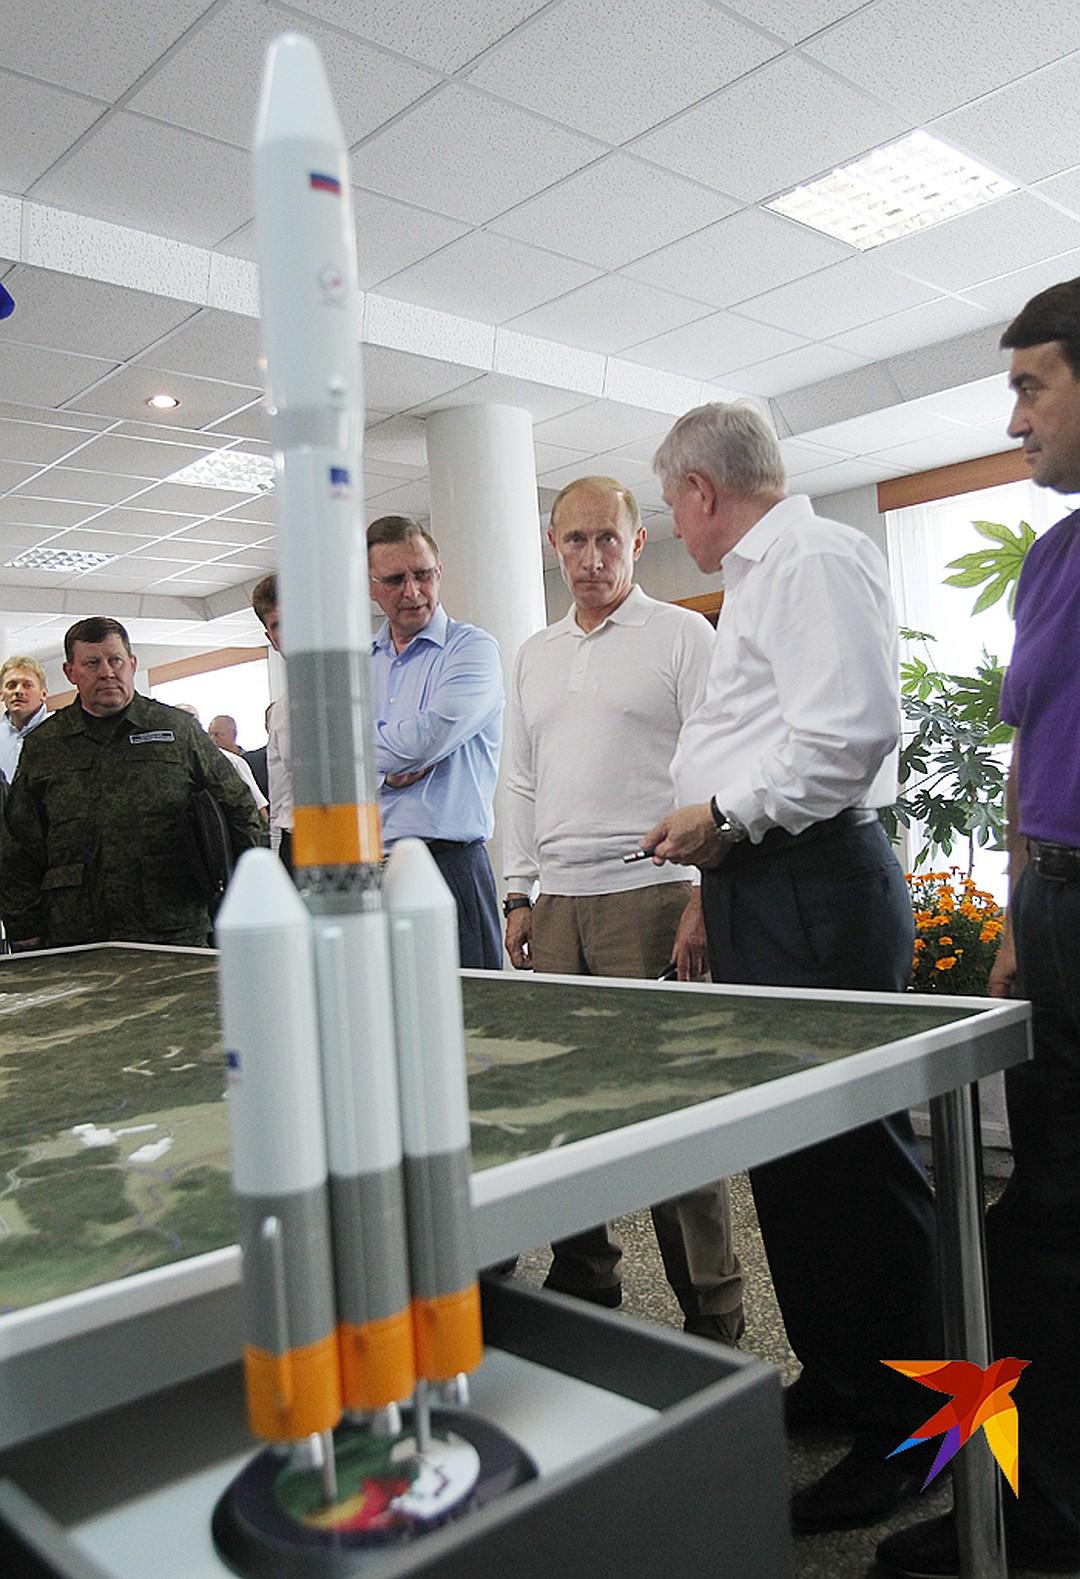 С колоссальными усилиями новые ворота в космос были построены Фото: Владимир ВЕЛЕНГУРИН